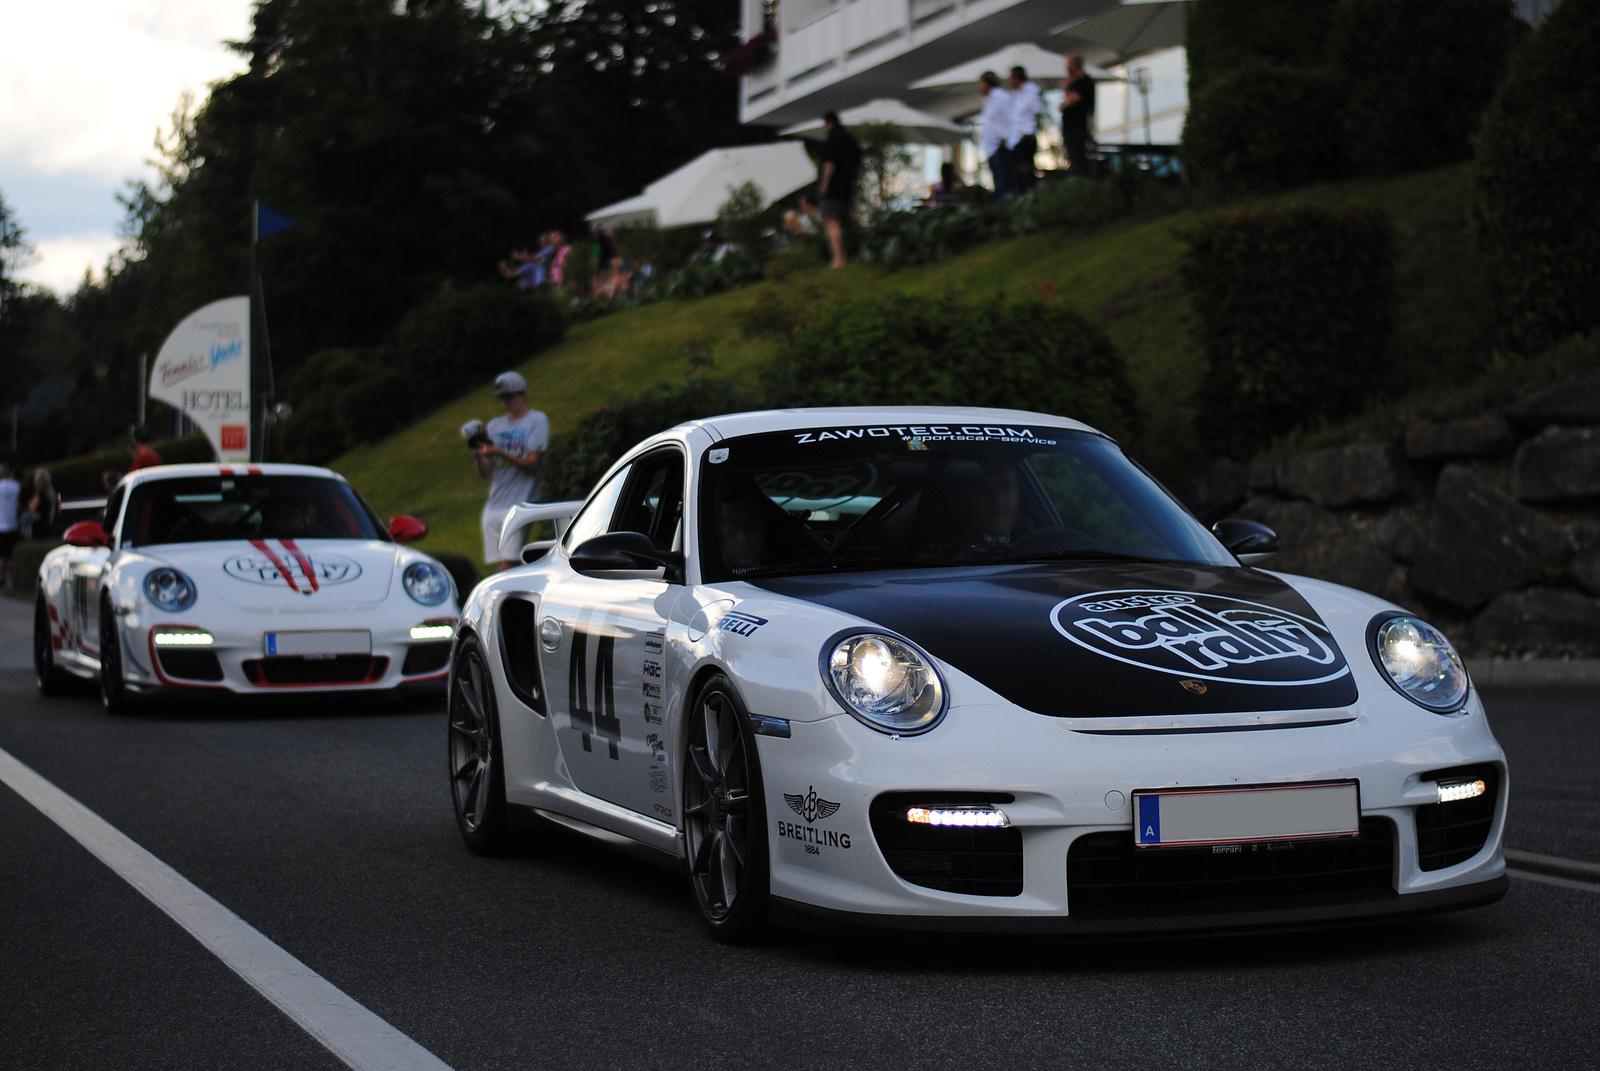 Porsche 911 (997) GT3 RS MkII - 911 (997) GT2